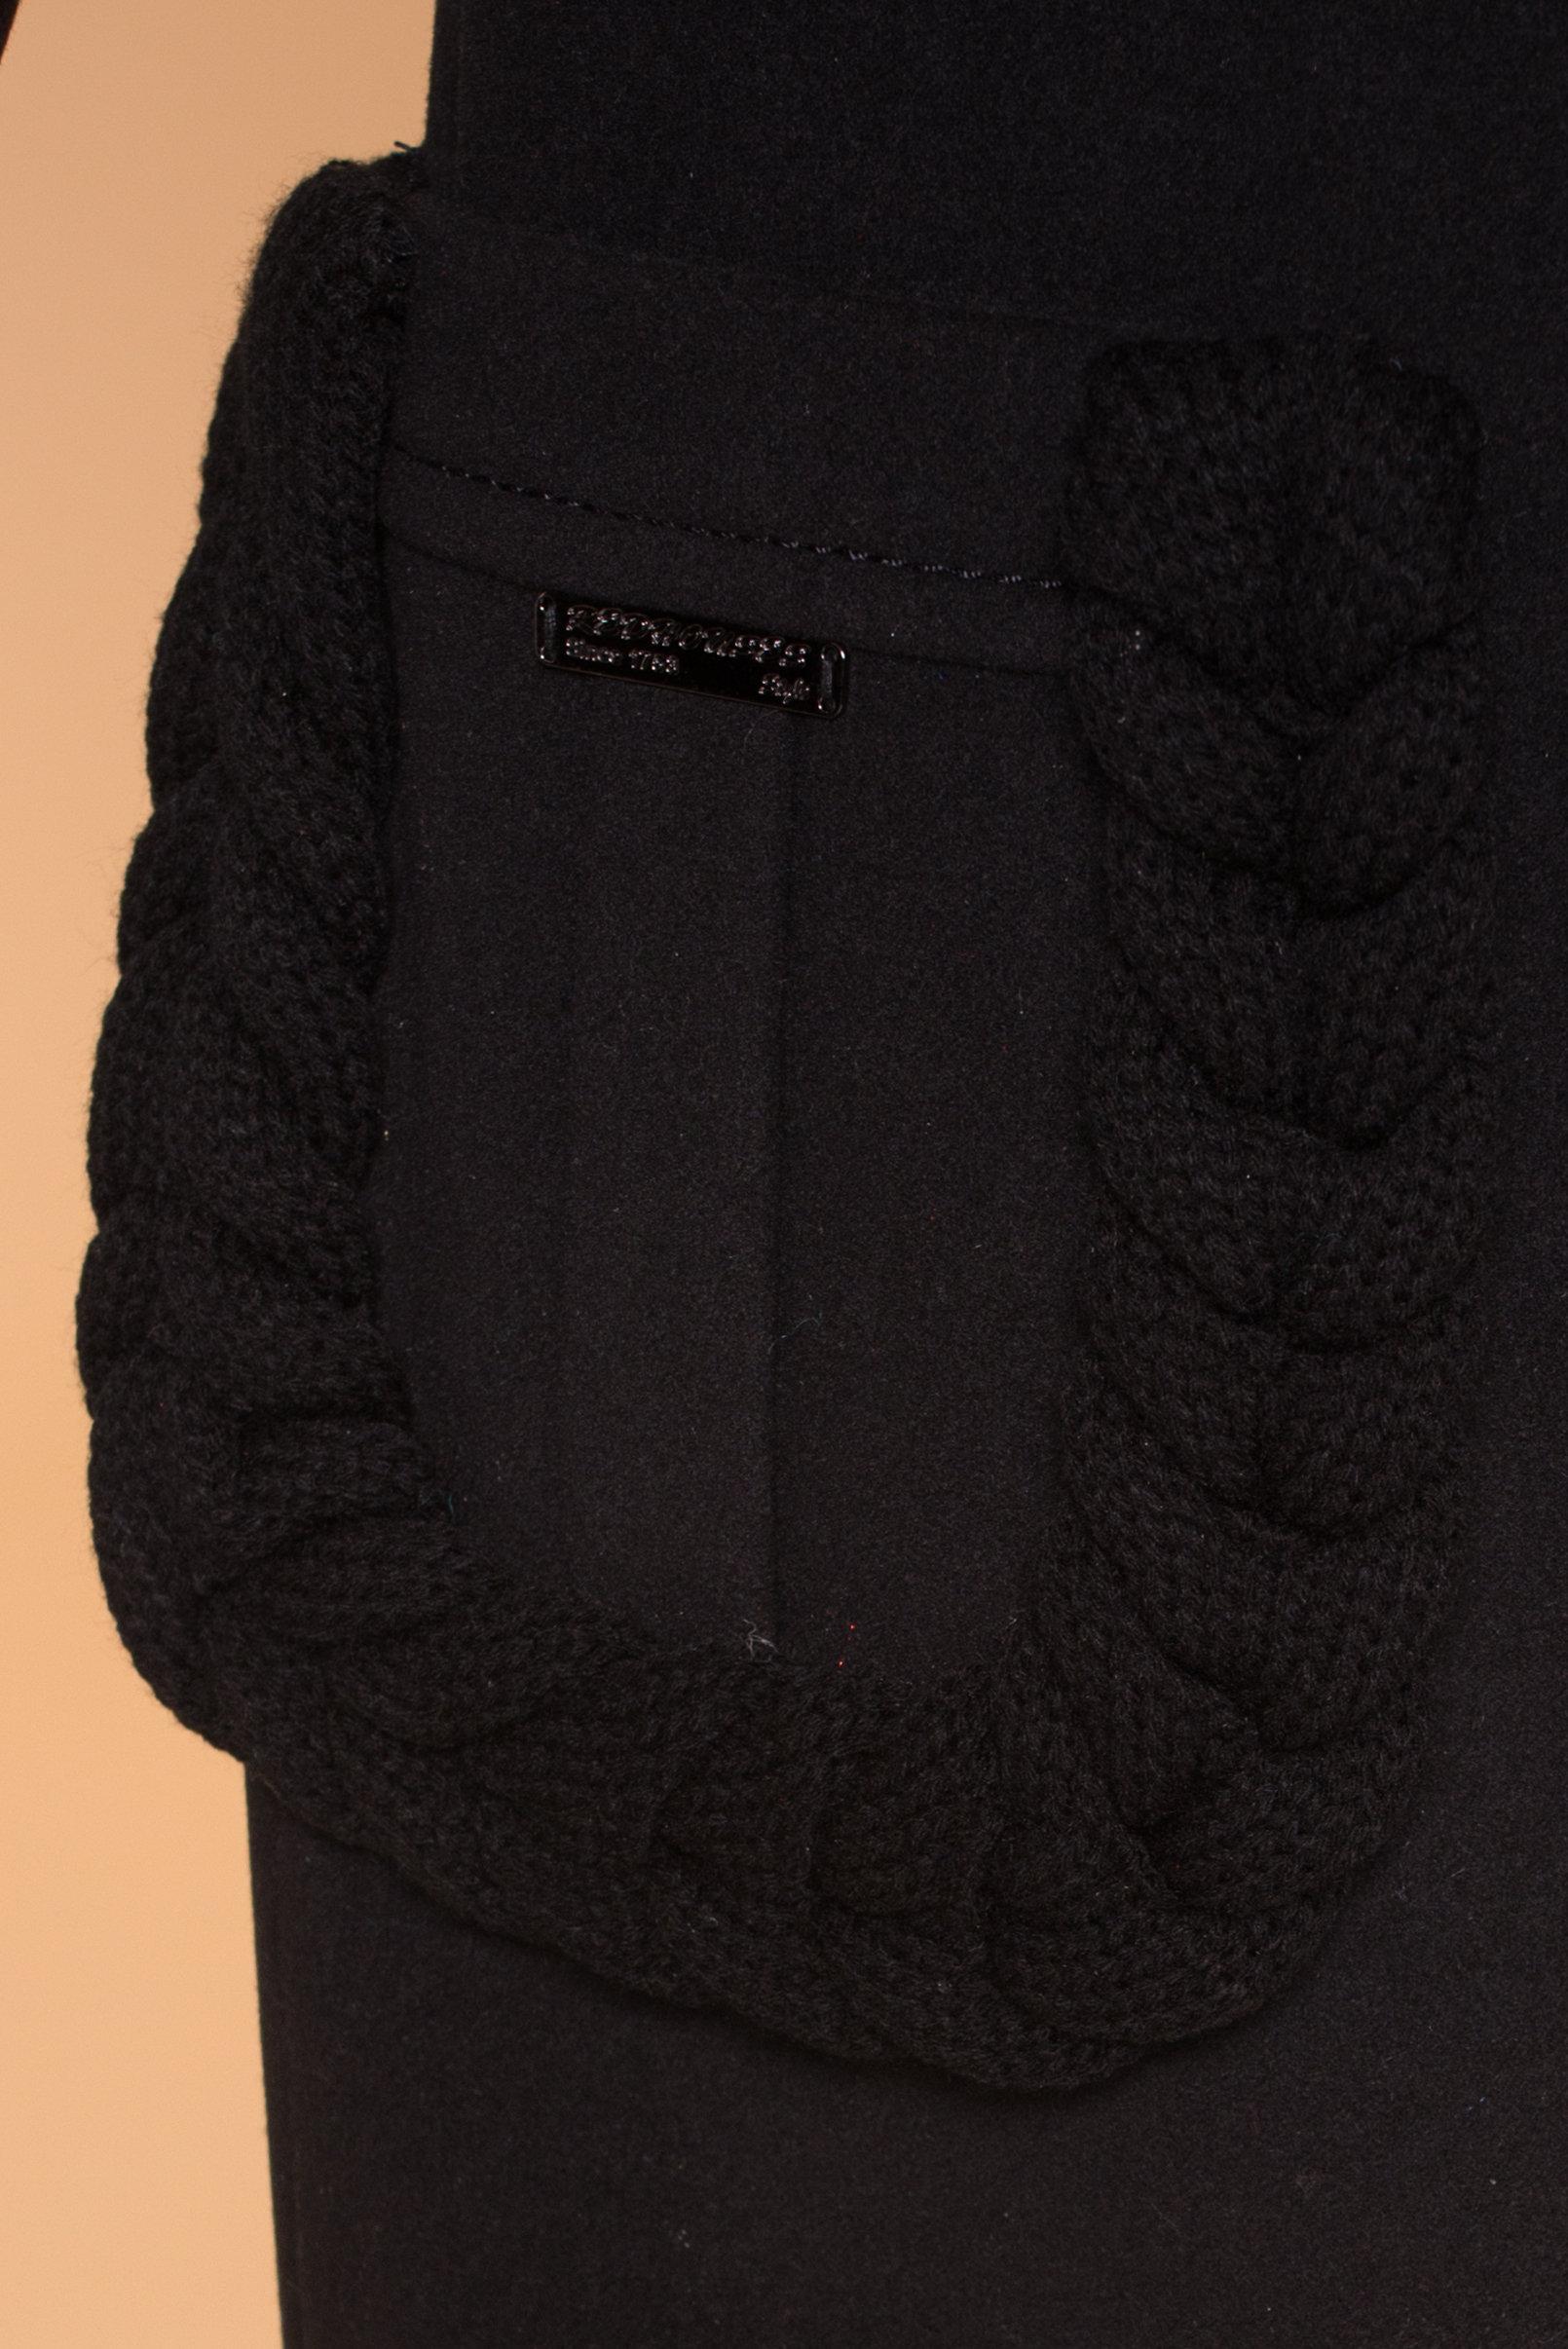 Пальто Женева 1325 АРТ. 9127 Цвет: Черный - фото 5, интернет магазин tm-modus.ru